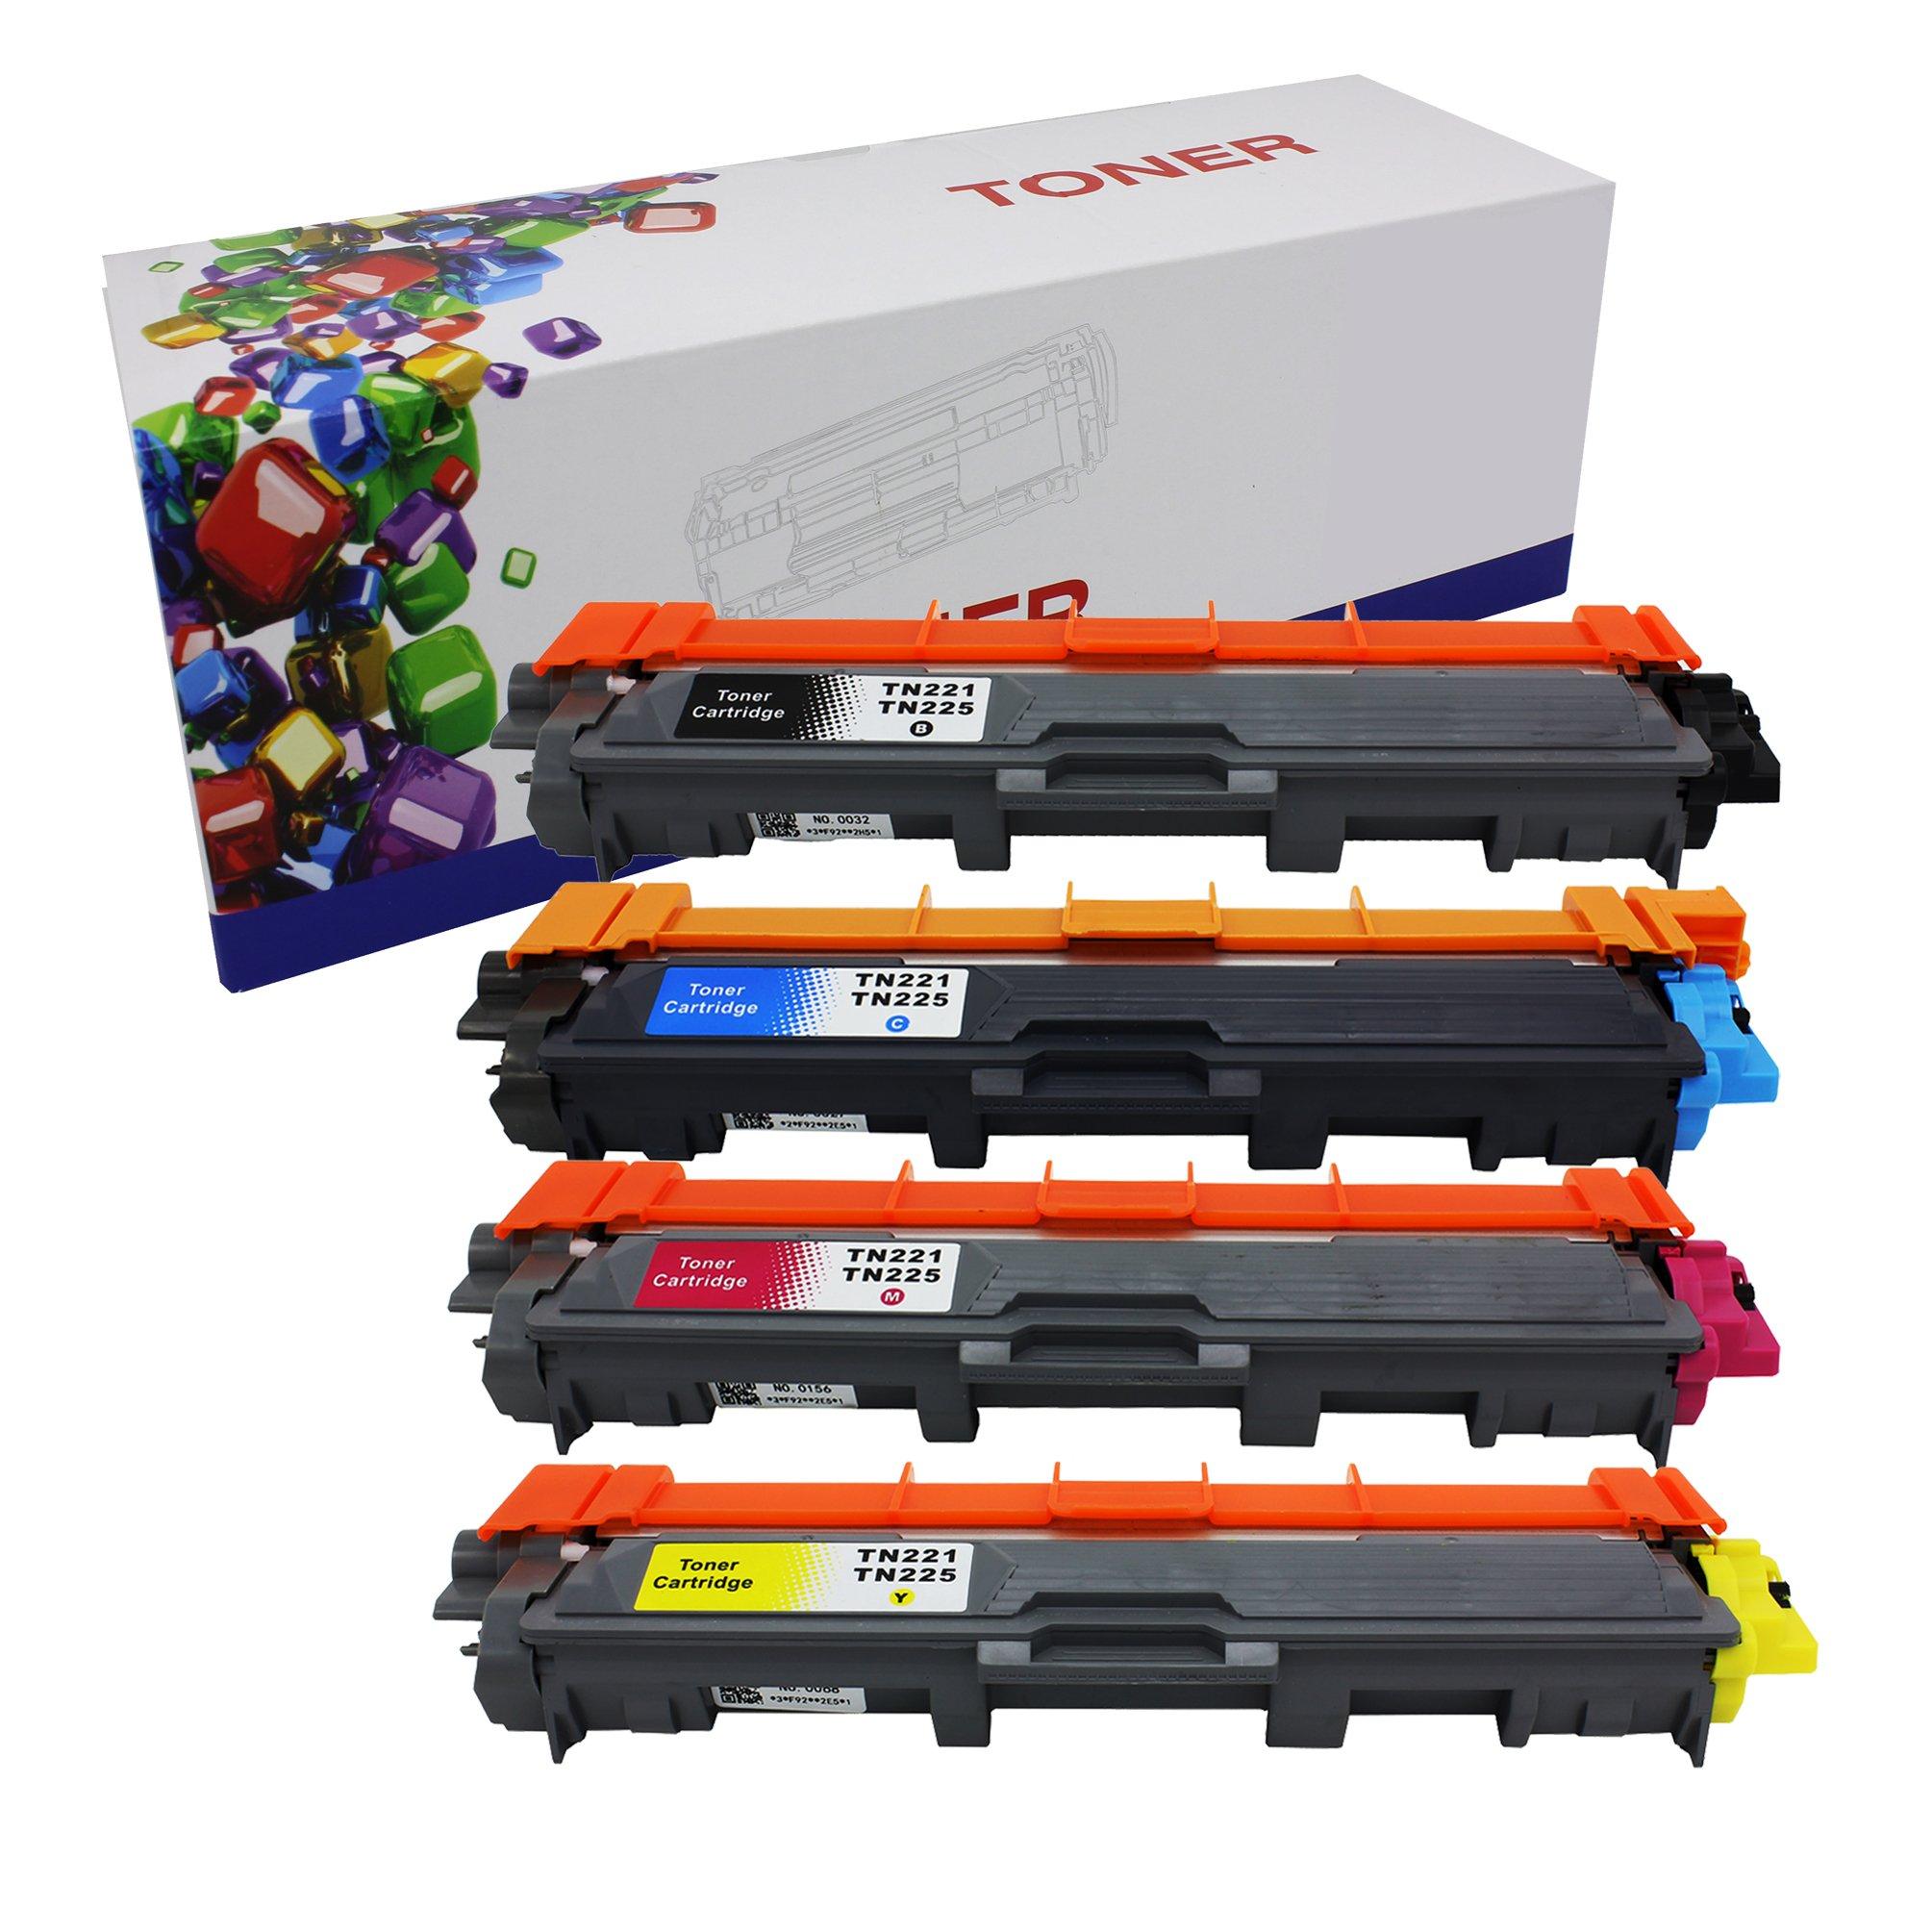 Toner Alternativo ( X4 ) 4 Colores TN221 TN225 Used HL-3140CW HL-3170CDW MFC-9130CW MFC-9330CDW MFC-9340CDW